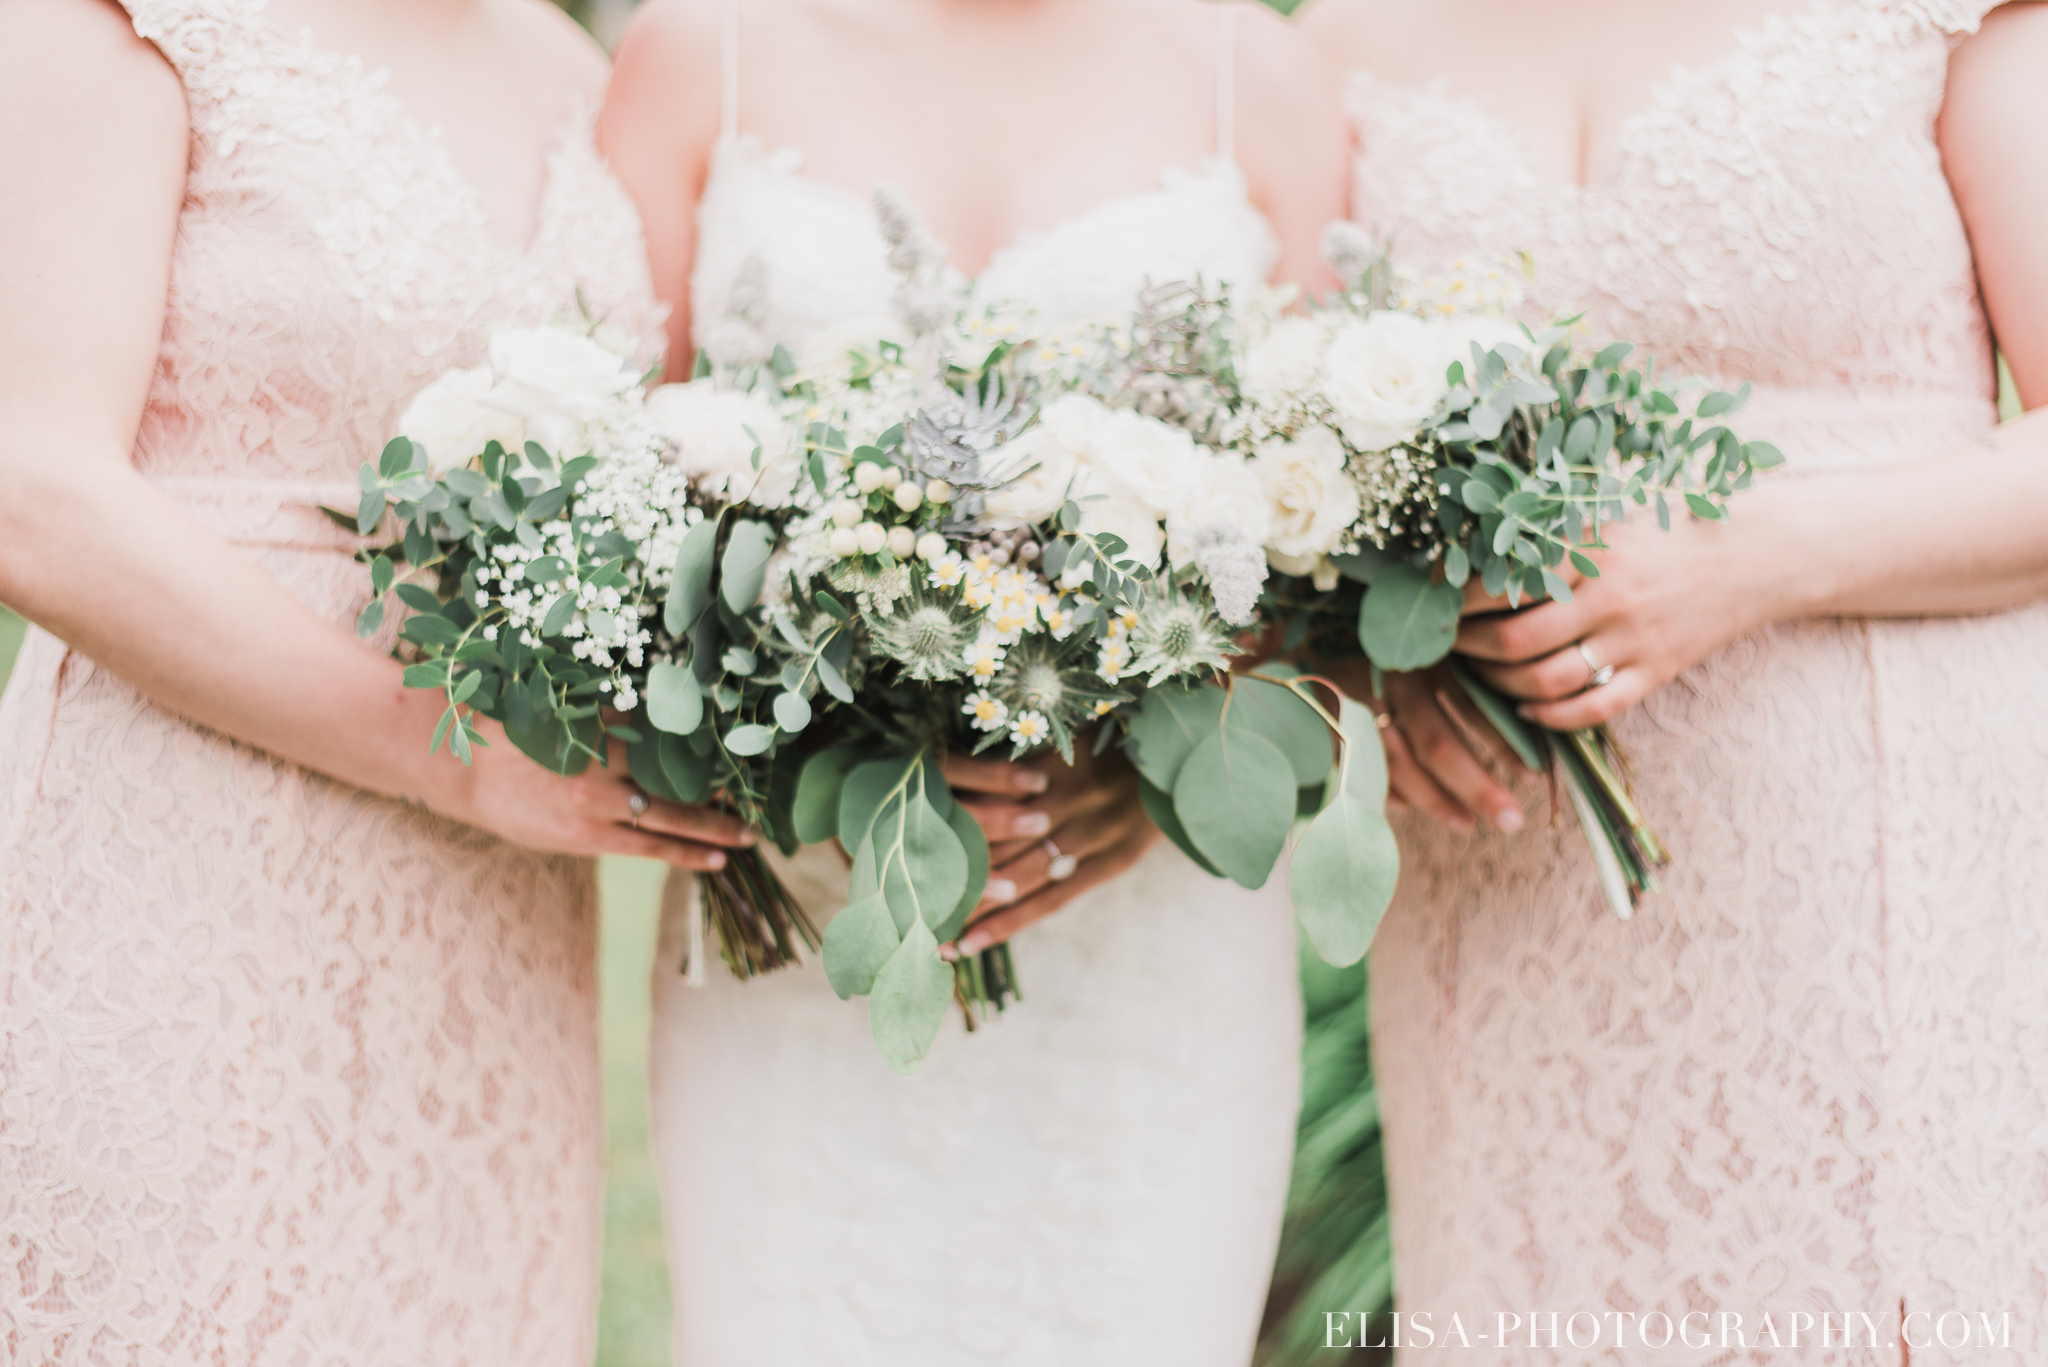 photo mariage a la montagne domaine tomali maniatin cocktail hors oeuvre demoiselles honneur bouquets pivoines 6448 - Galerie photos de mariage